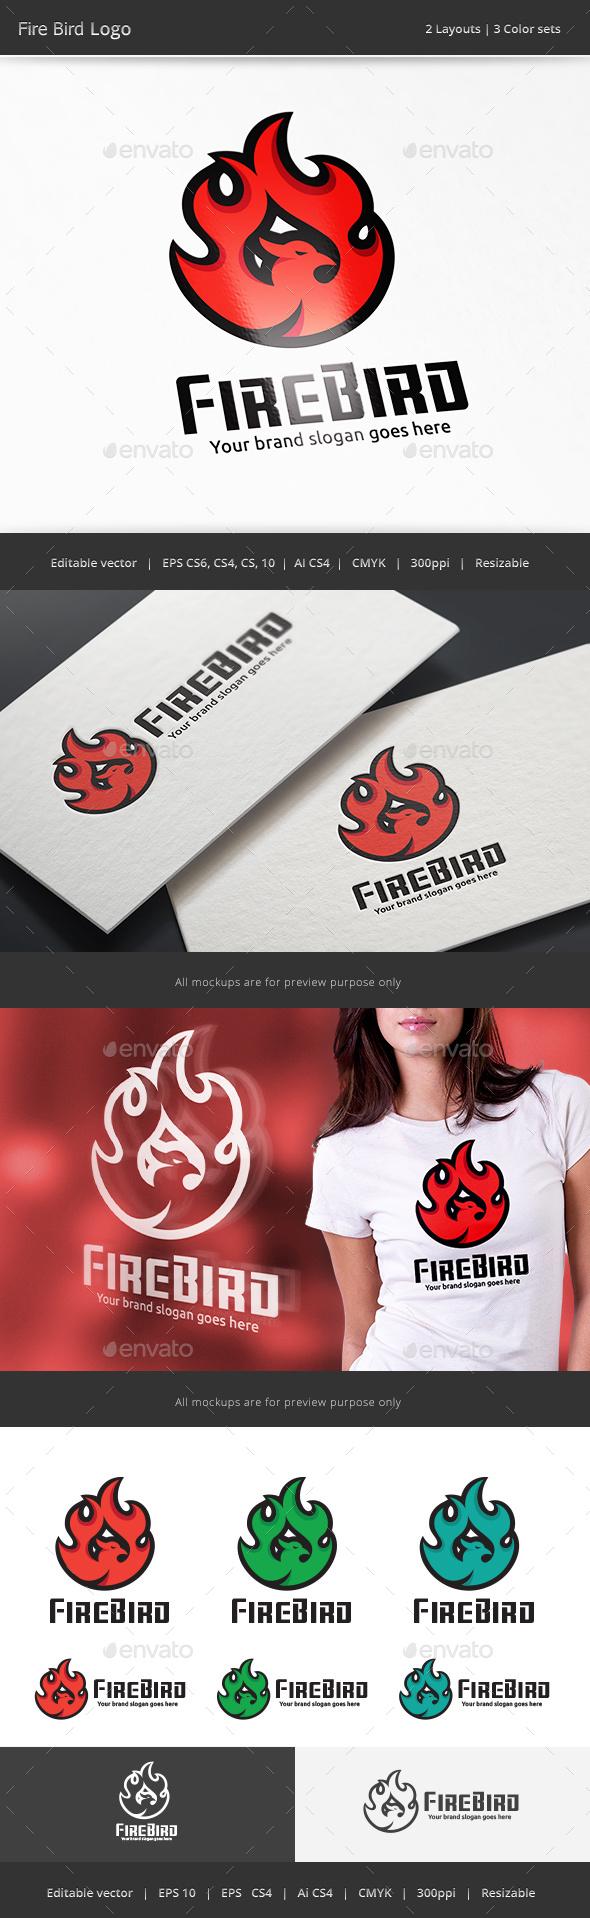 Fire Bird Logo V2